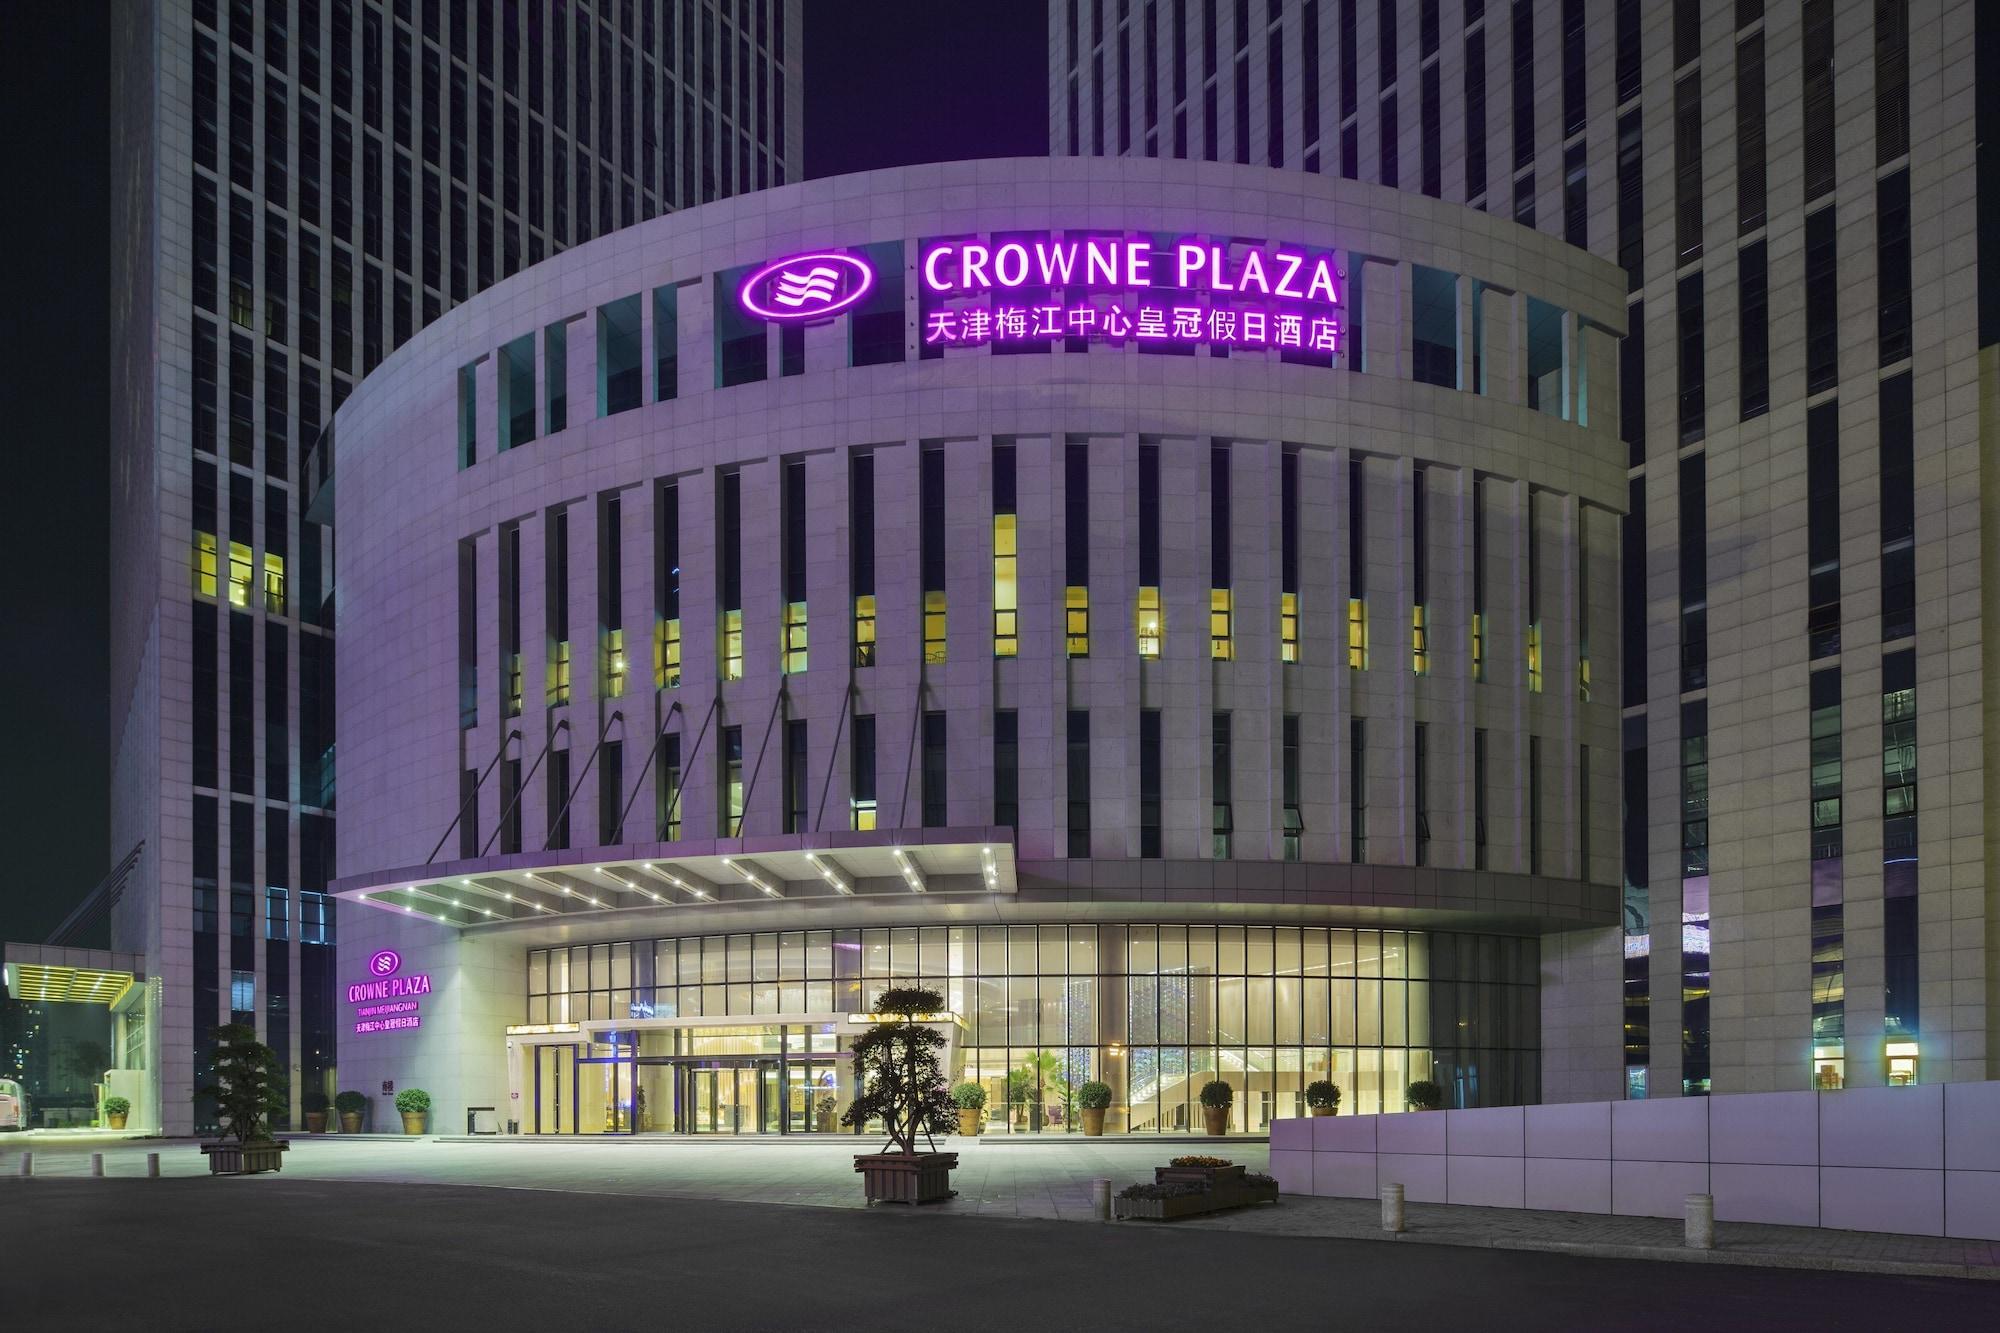 Crowne Plaza Tianjin Mei Jiang Nan, Tianjin